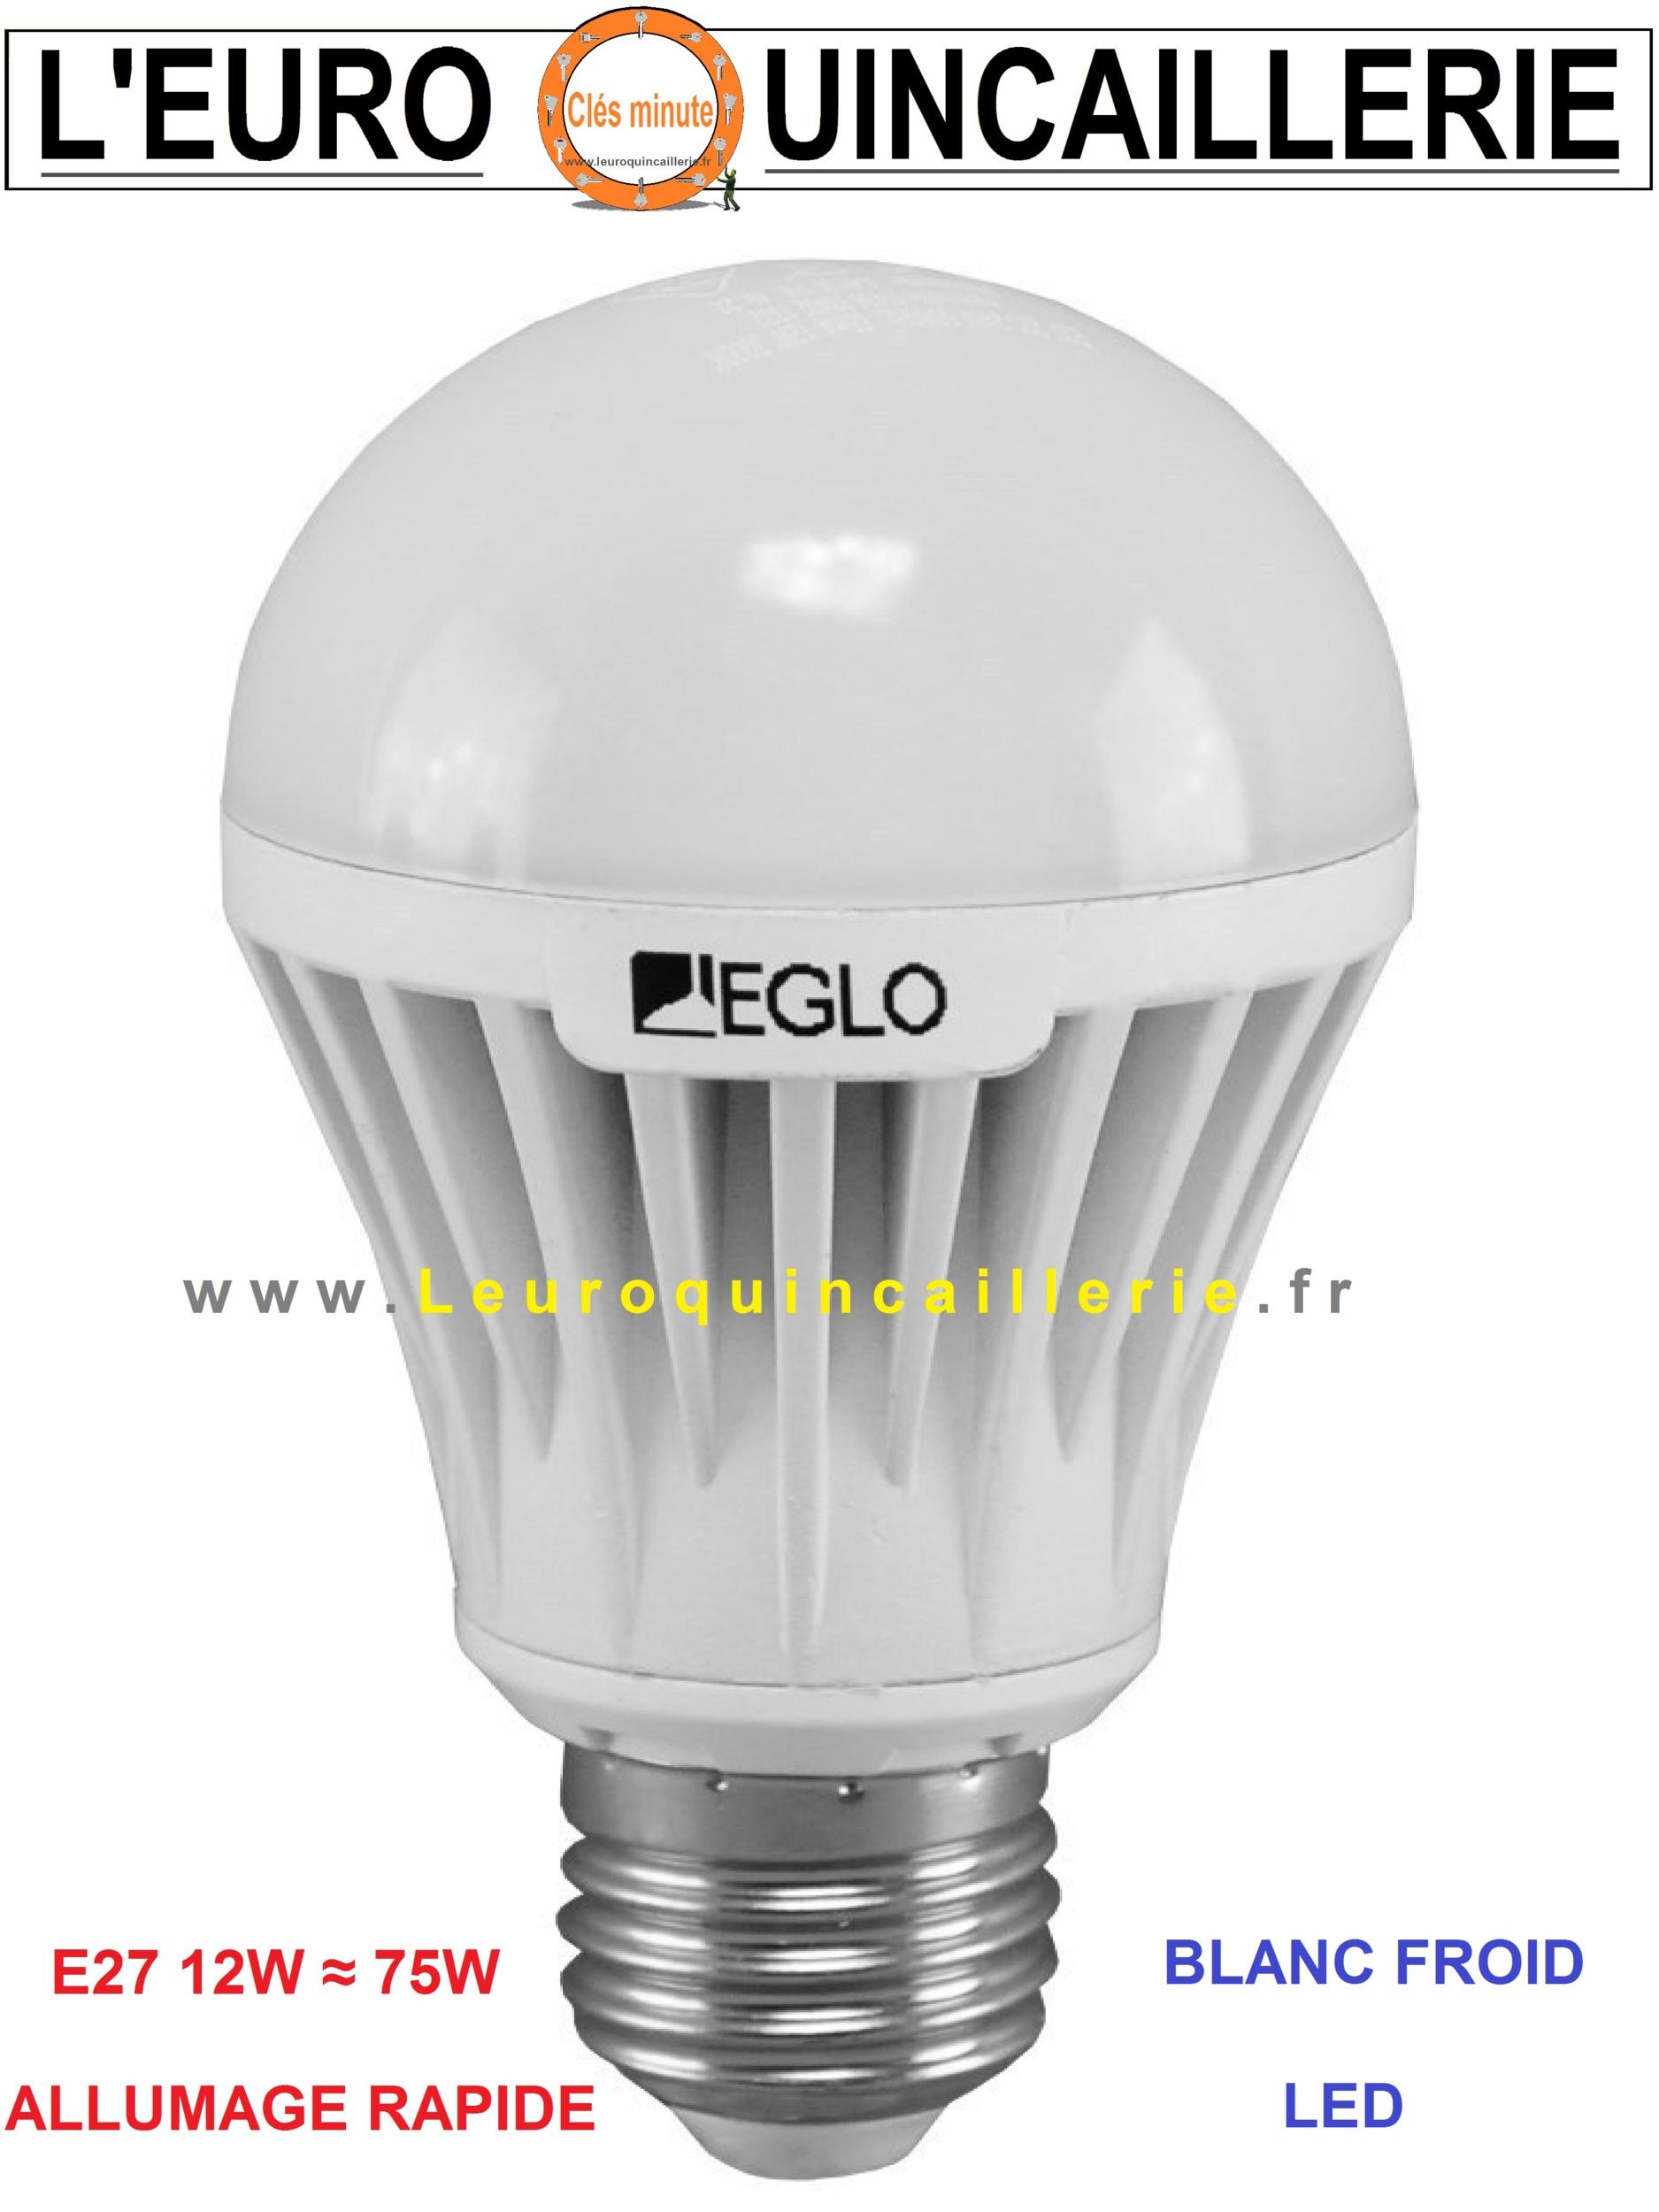 Ampoule à LED standard E27 12W ≈ 75w blanc froid